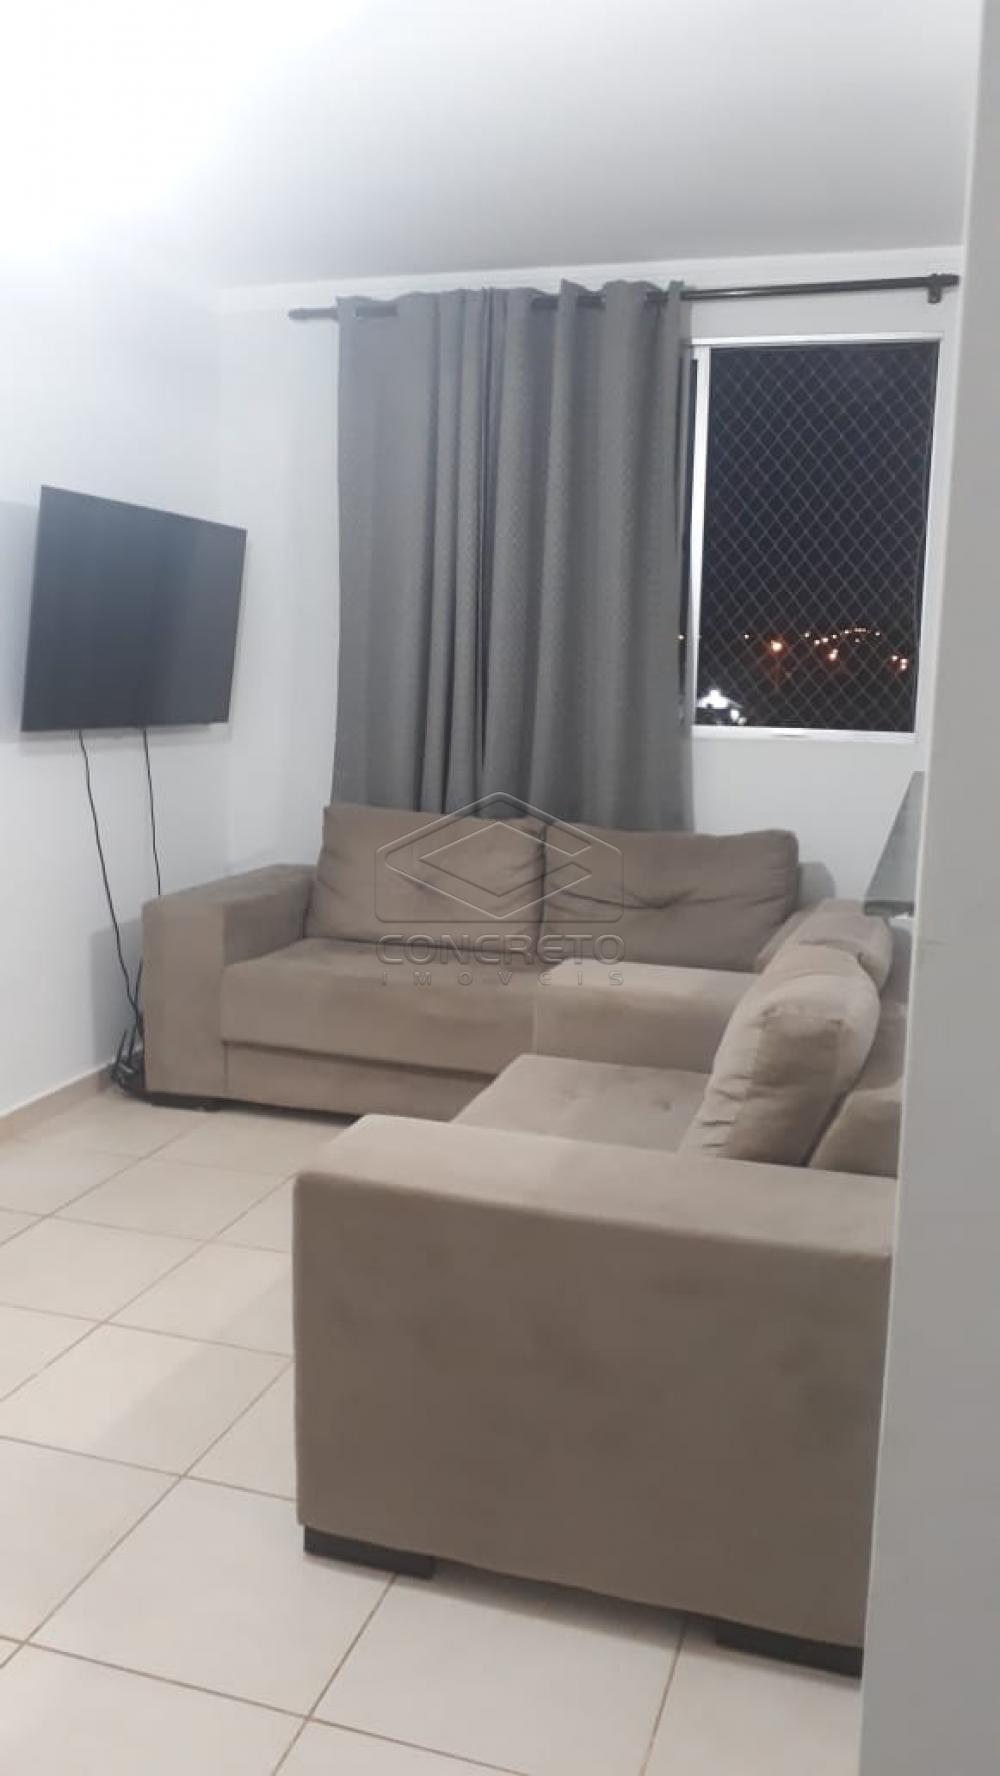 Comprar Apartamento / Padrão em Bauru apenas R$ 120.000,00 - Foto 1